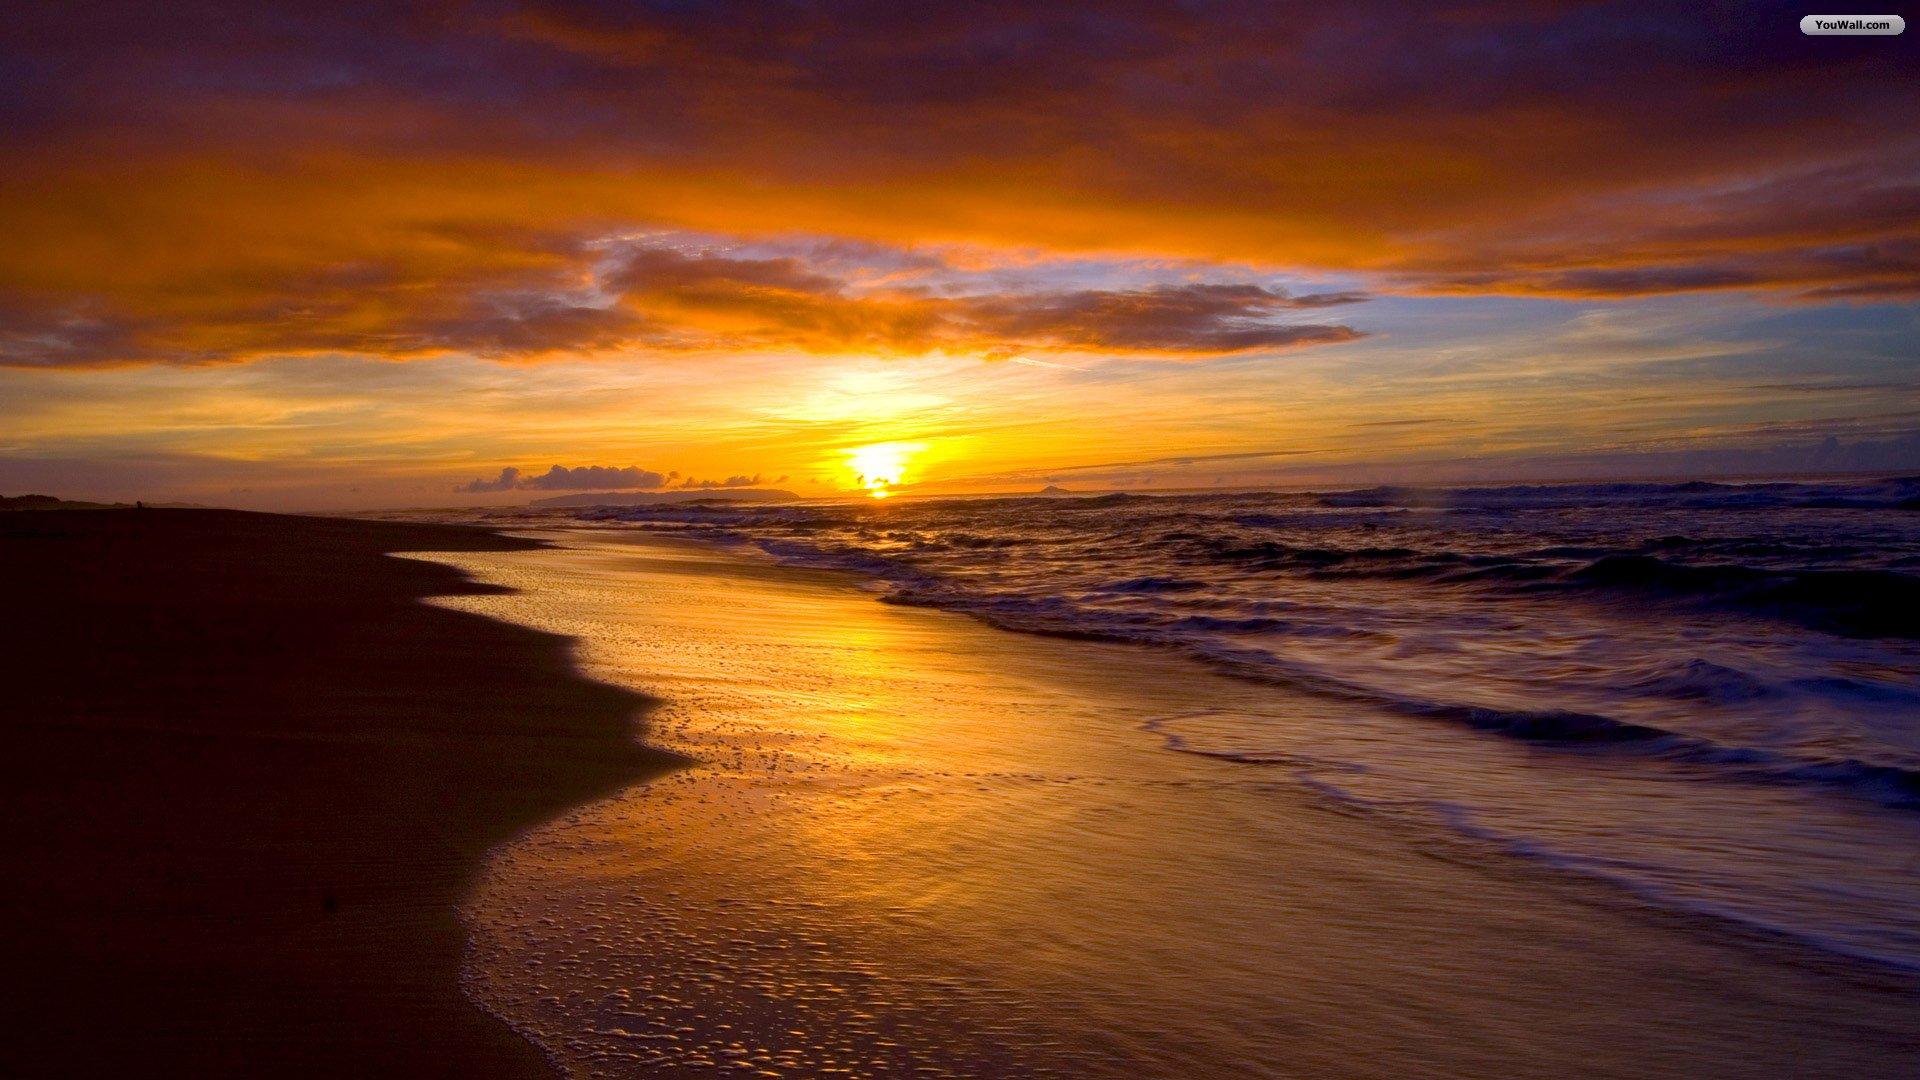 YouWall   Beach Sunset Wallpaper   wallpaperwallpapersfree wallpaper 1920x1080